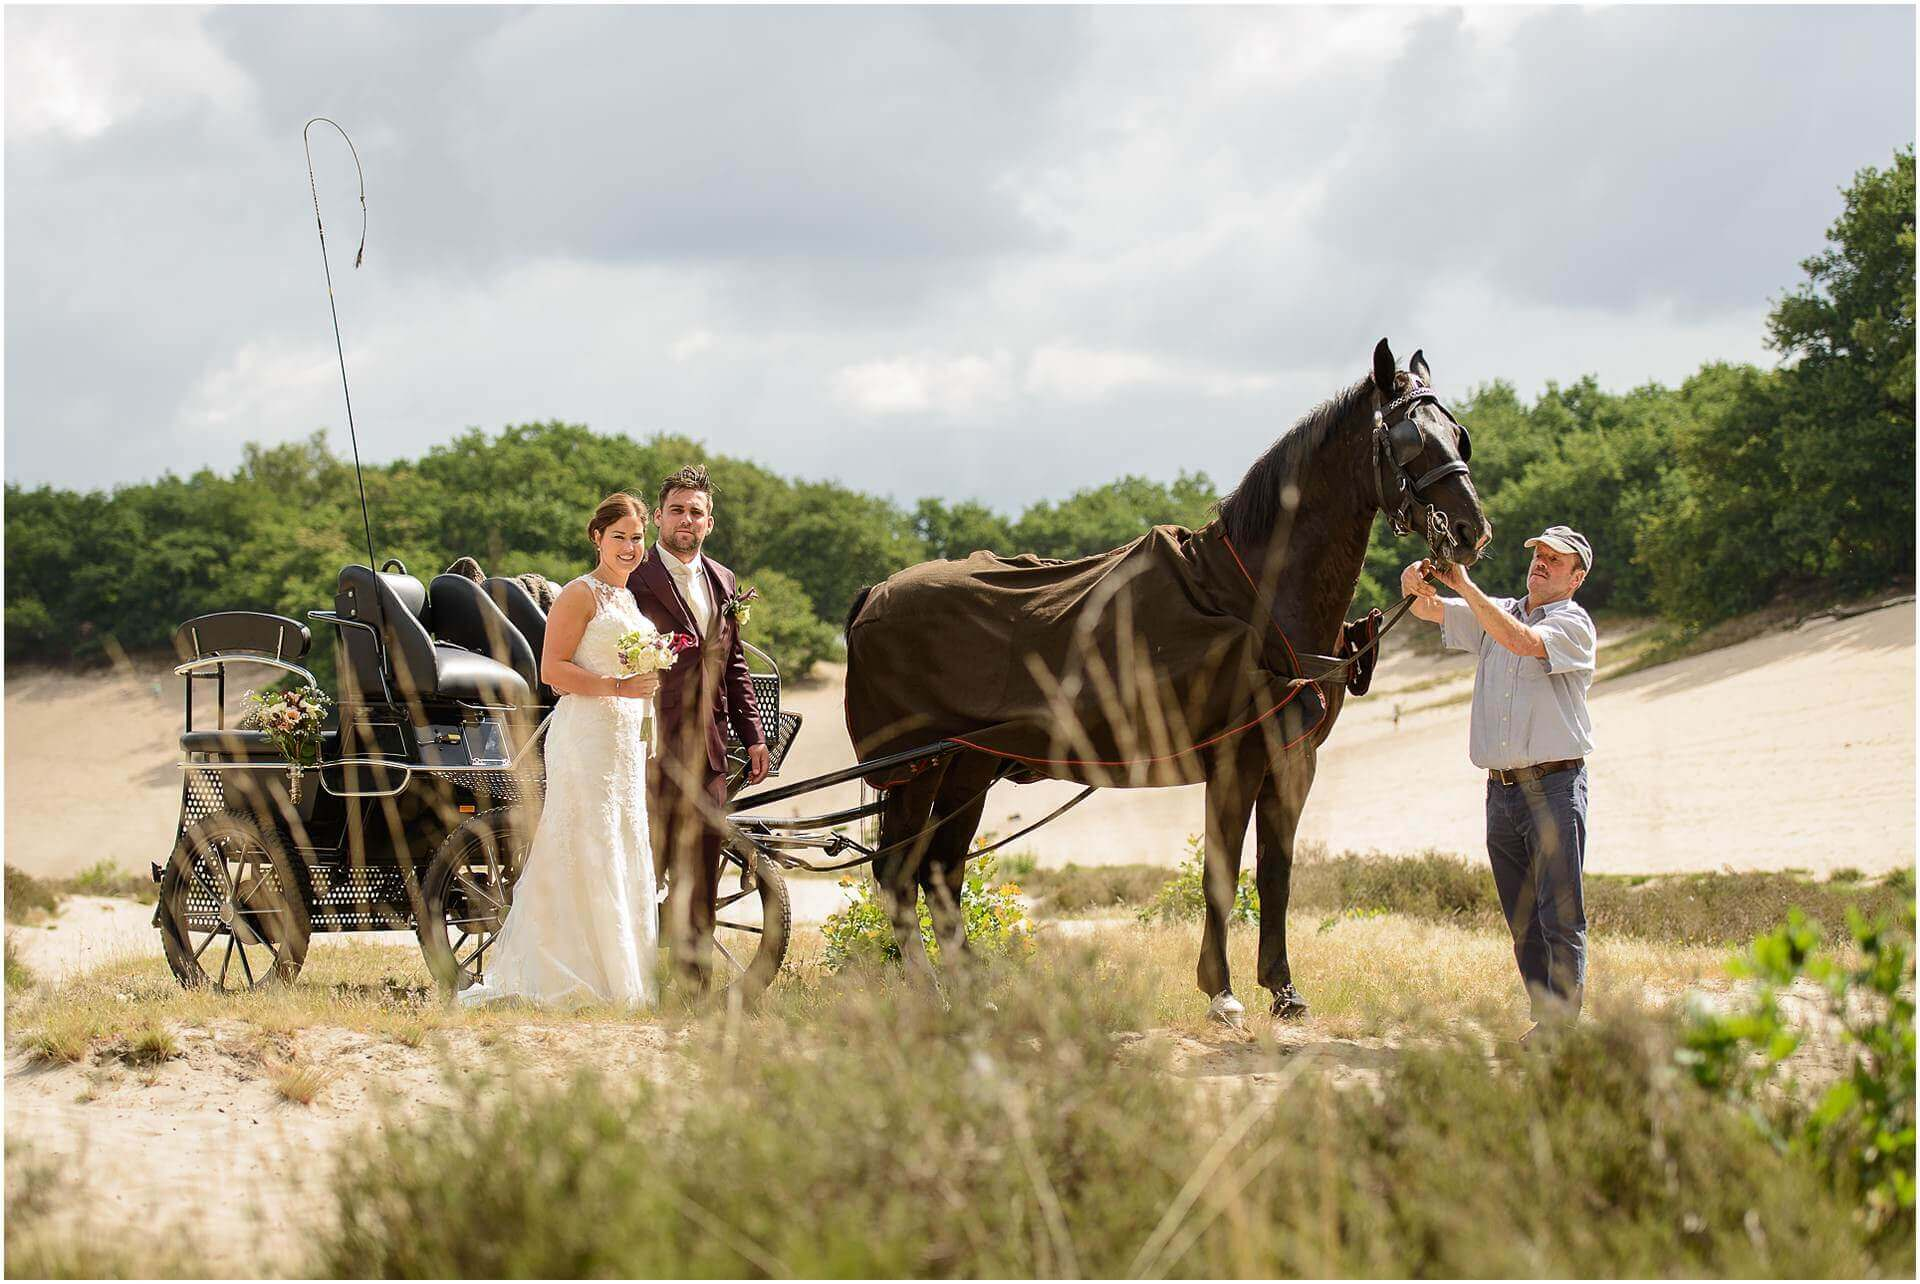 2017,Bedaf,Bruiloft,Sander en Karen Maas,Vorstenbosch,buiten trouwen,